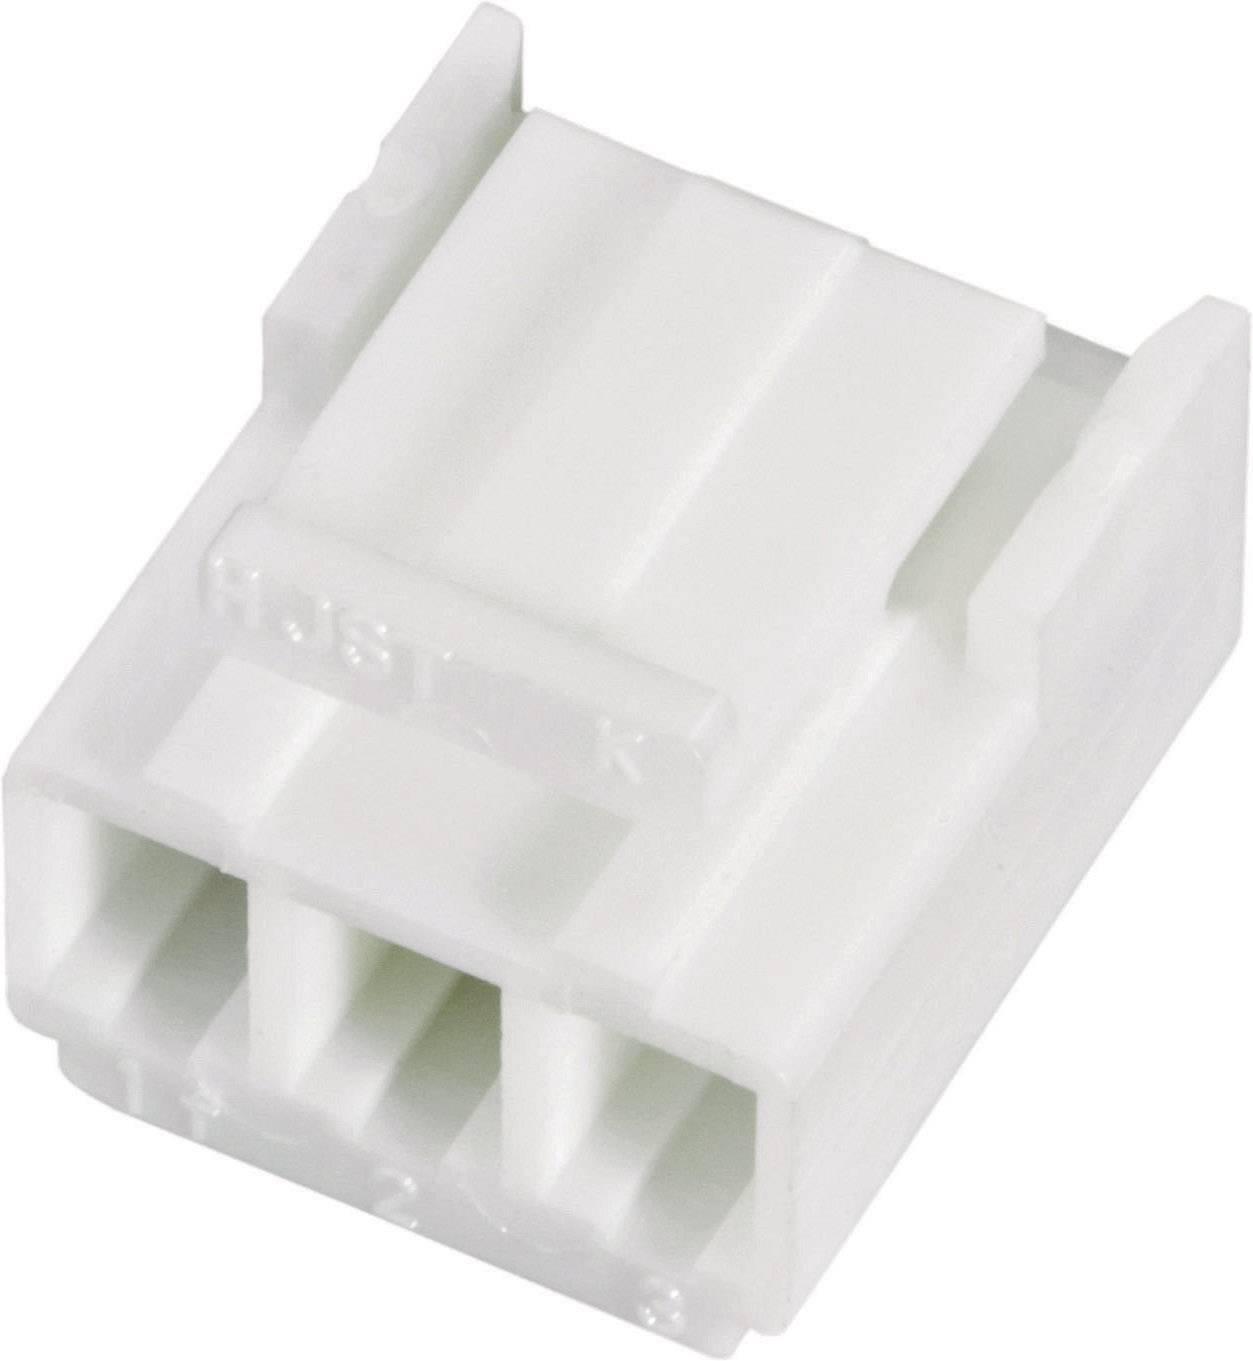 Zásuvková lišta (štandardná) JST VHR-3N VHR-3N, 14.6 mm, pólů 3, rozteč 3.96 mm, 1 ks